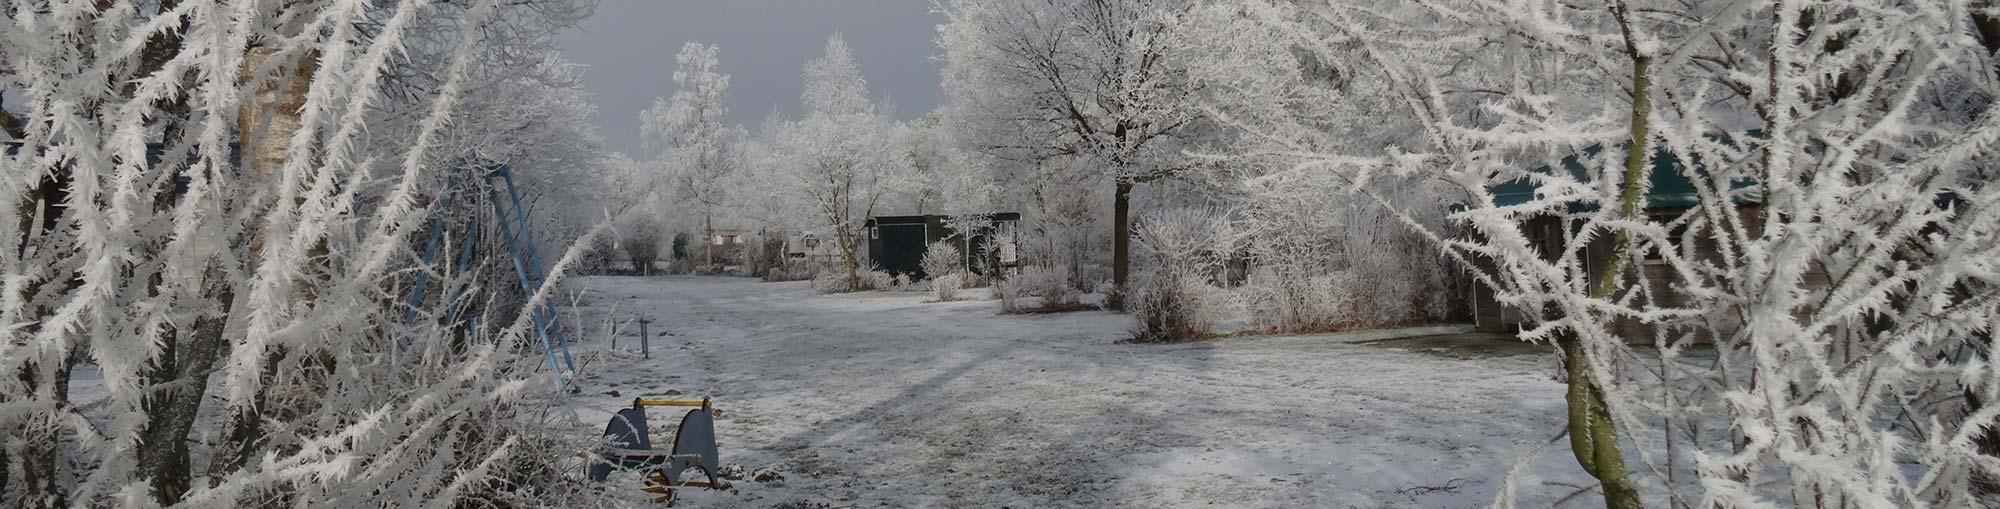 winterkamperen-drenthe-blauwe-haan-02